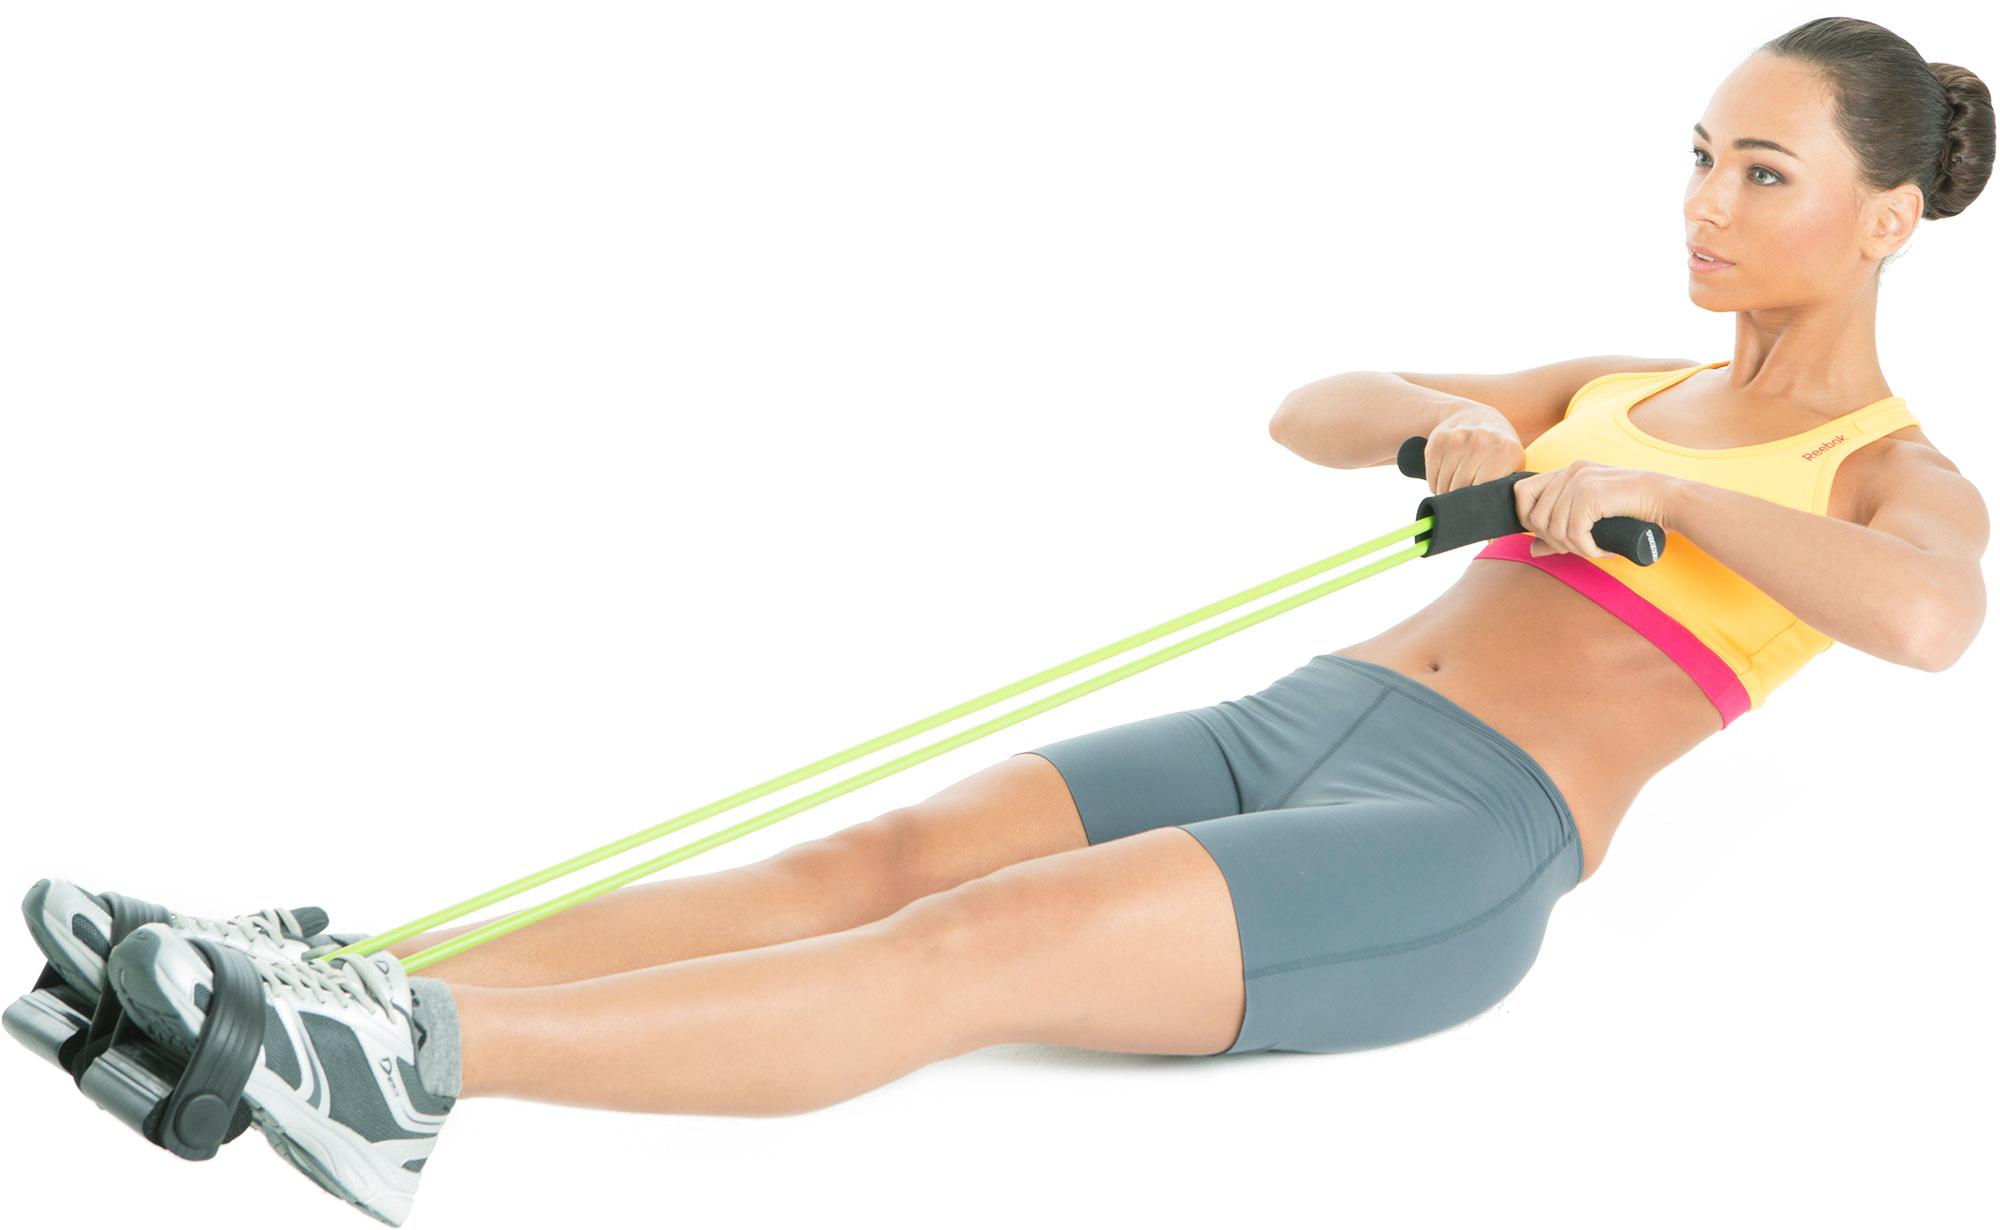 15 упражнения с эспандером (резинкой) — упражнения на плечи, спину, пресс и ягодицы | lisa.ru